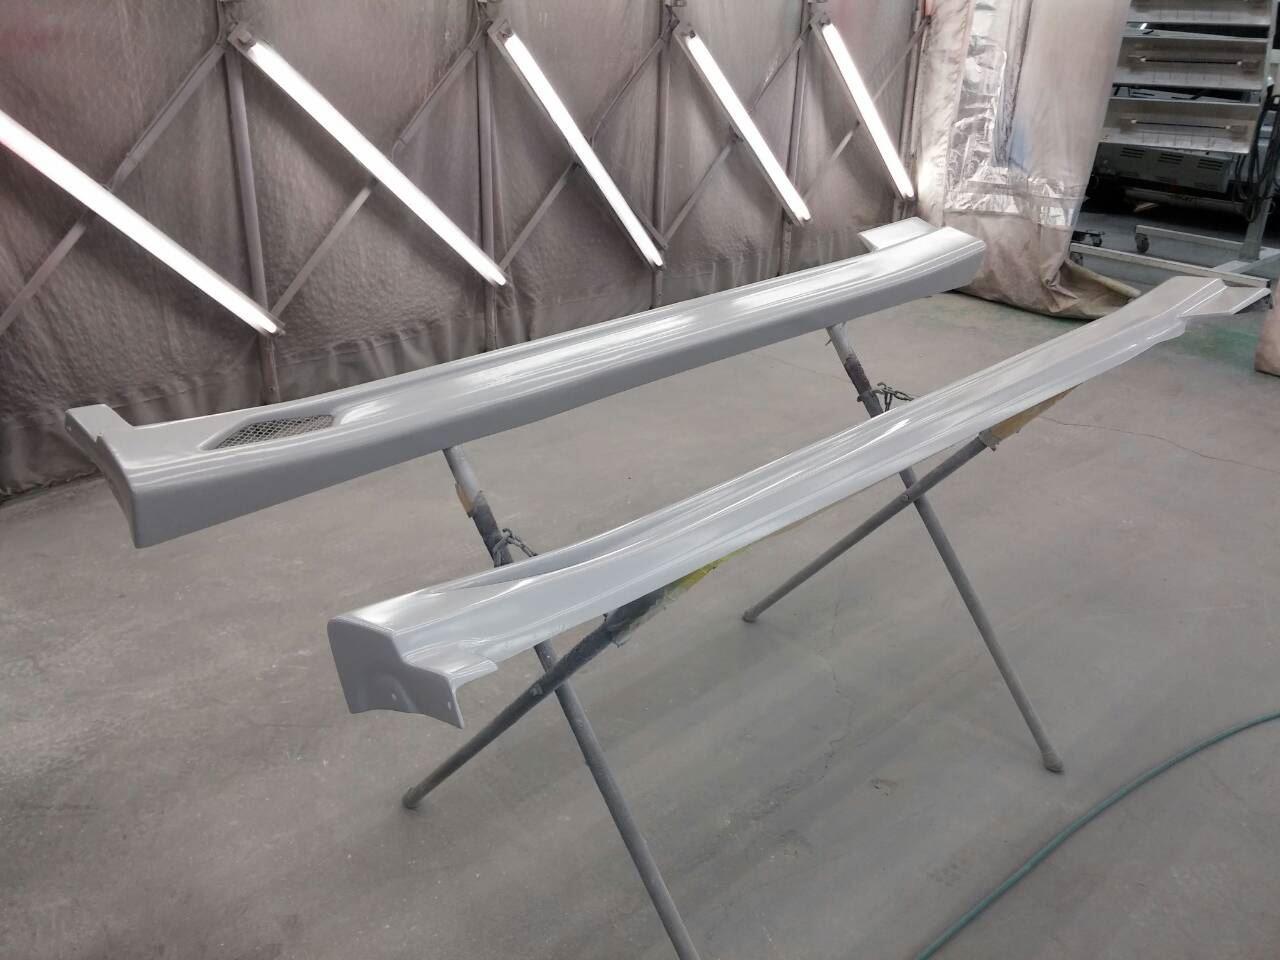 東京都立川市の車の板金塗装修理工場 ガレージローライドのトヨタ アルテッツァのエアロパーツ 塗装 取付 です。